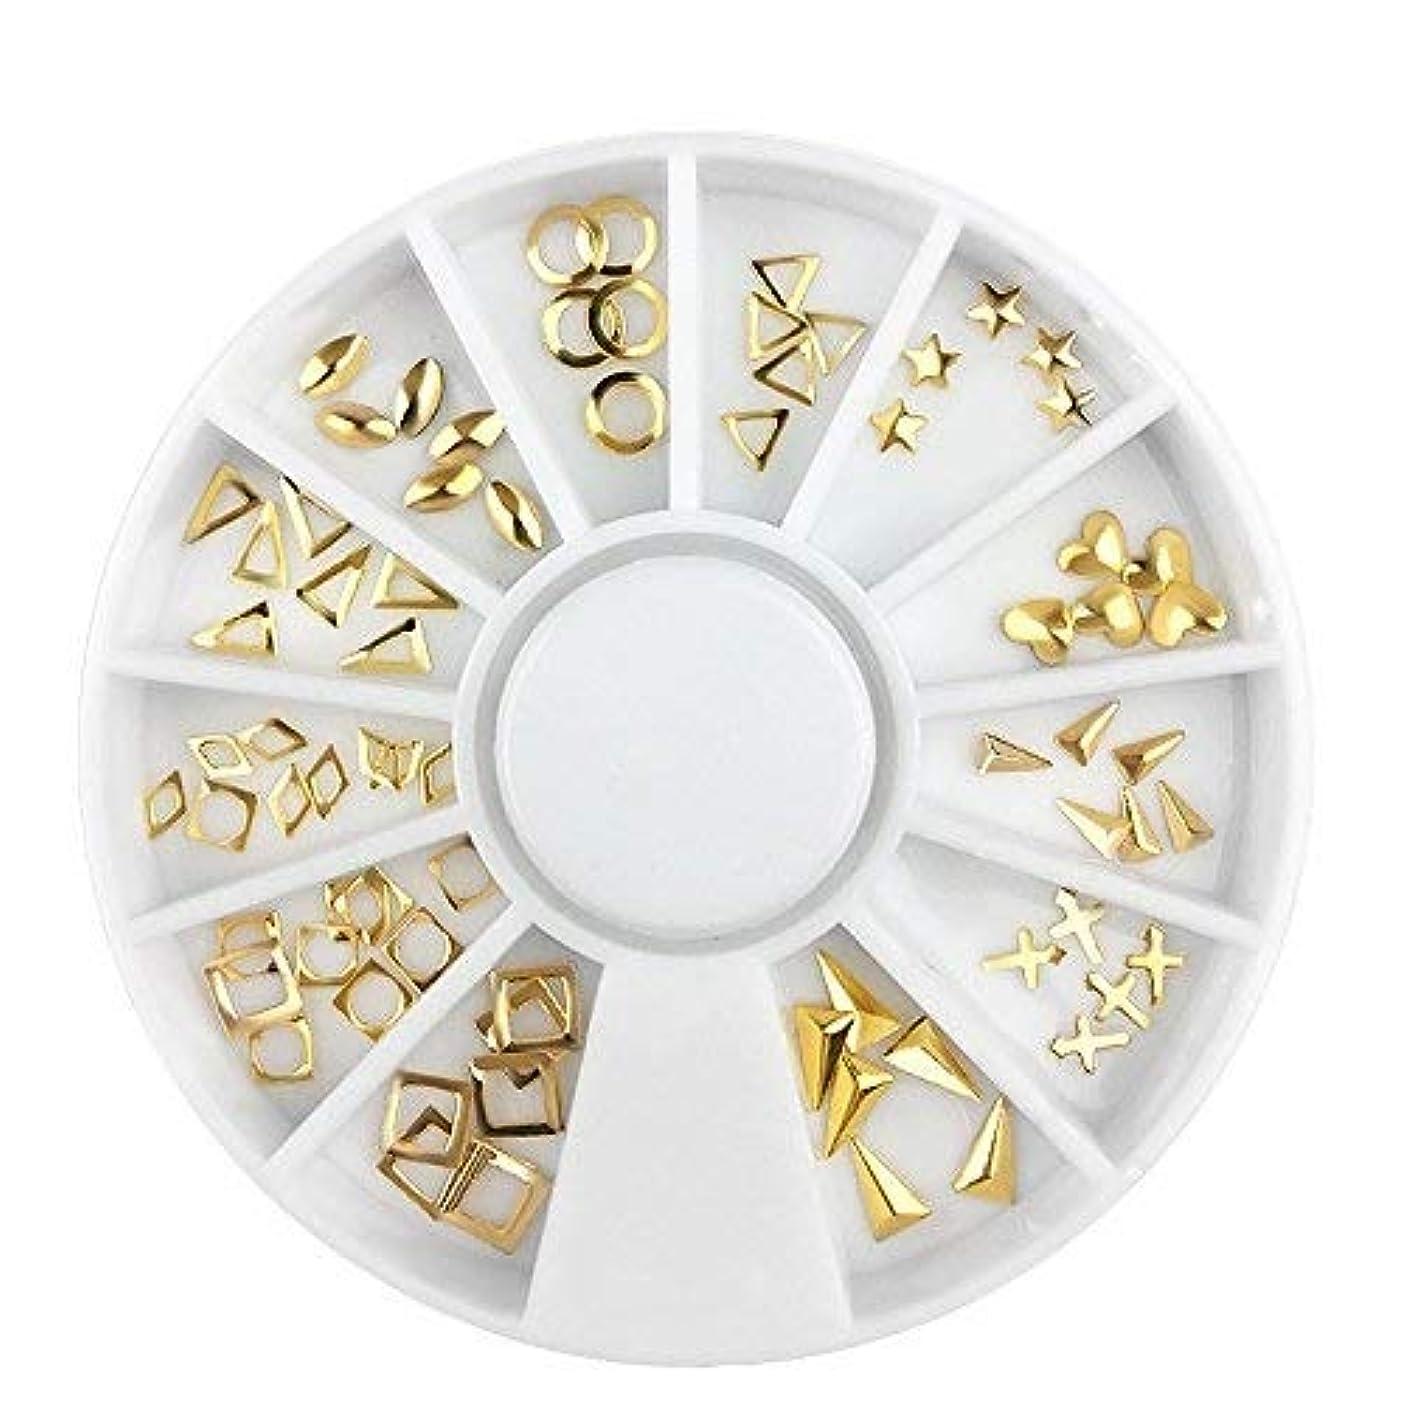 熟すペフ穿孔するHAPPY HOME ゴールドリベットマルチ型デザイン合金装飾ネイルアートシリンダーデザインスタッド3dラインストーンアクセサリーホイール